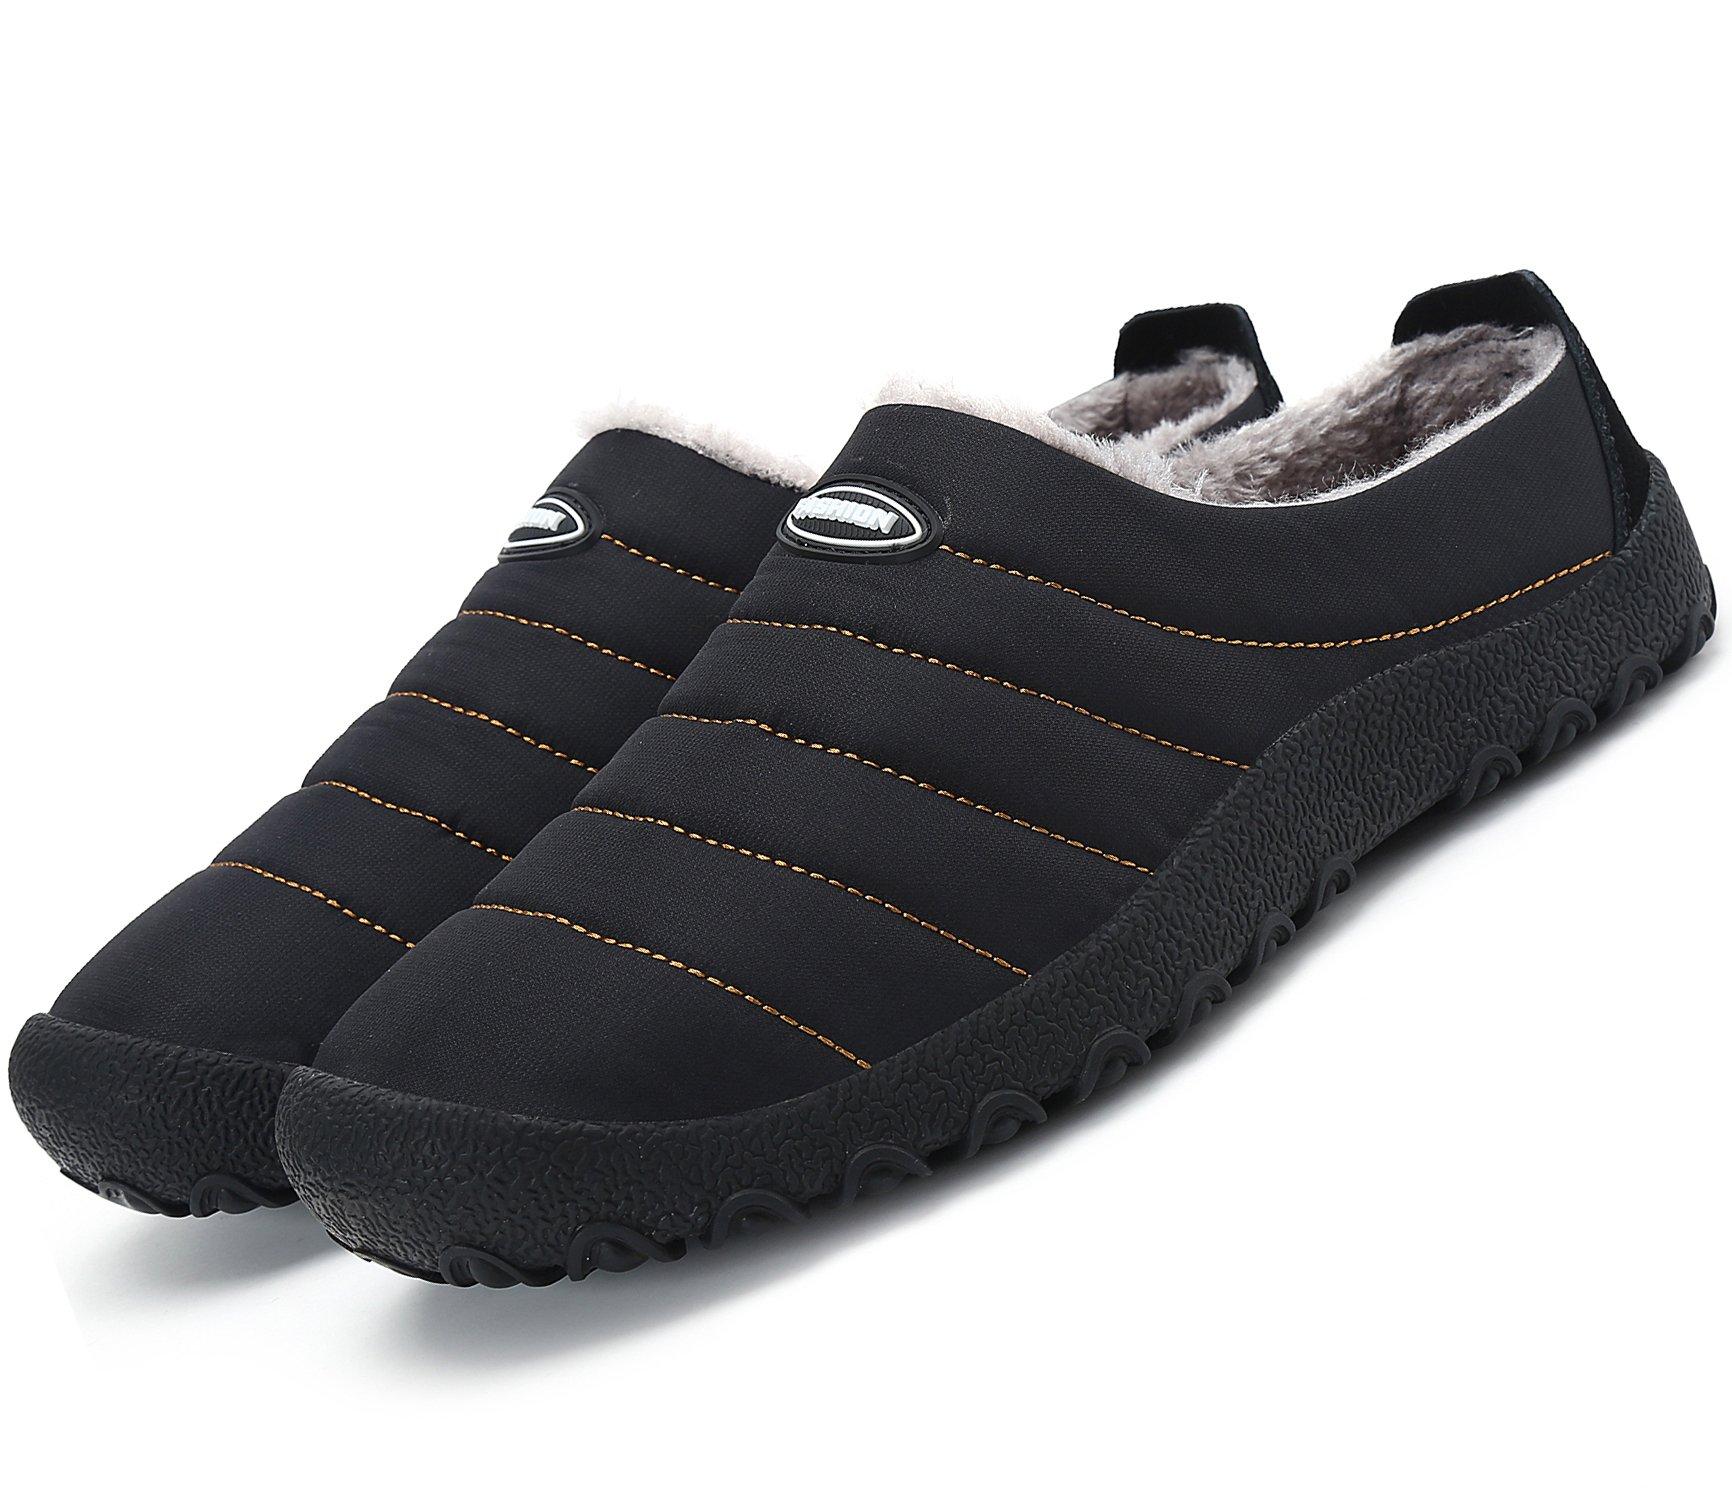 welltree Women Men Indoor Outdoor Slippers Fur Lined Winter Waterproof Clog House Shoes Black 5.5 US Men/7.5 US Women/38